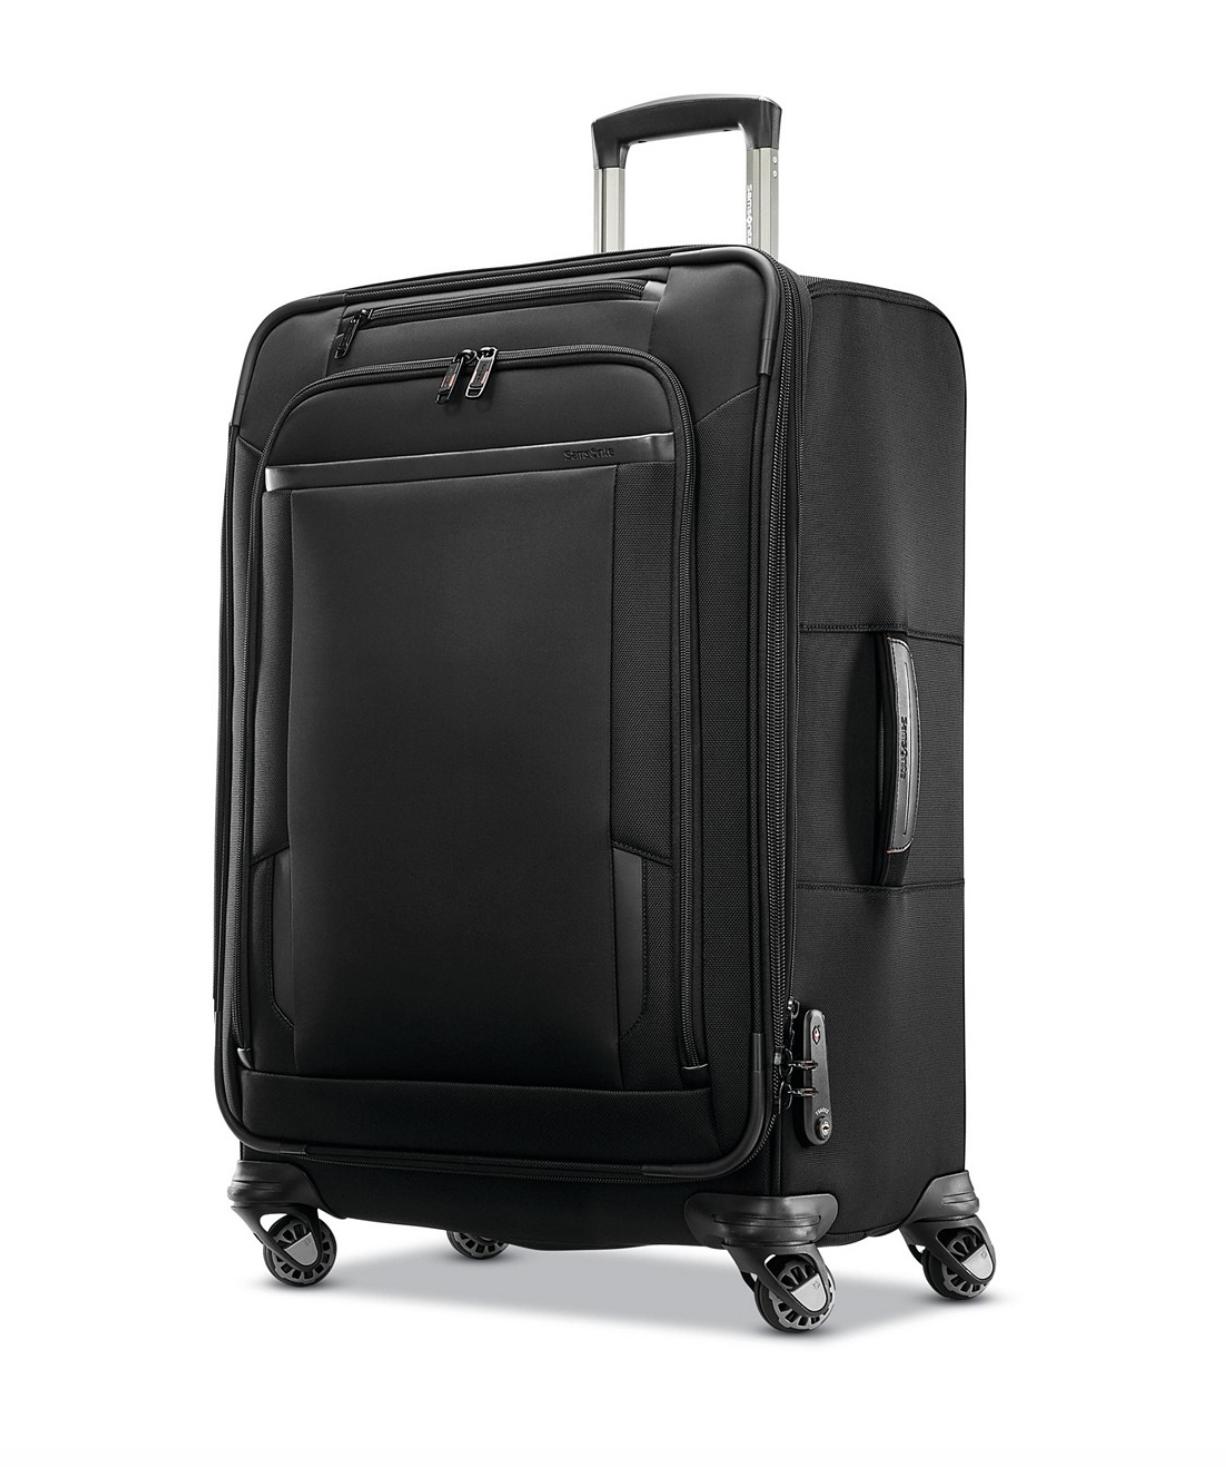 Samsonite Pro Travel 25-inch expandable spinner